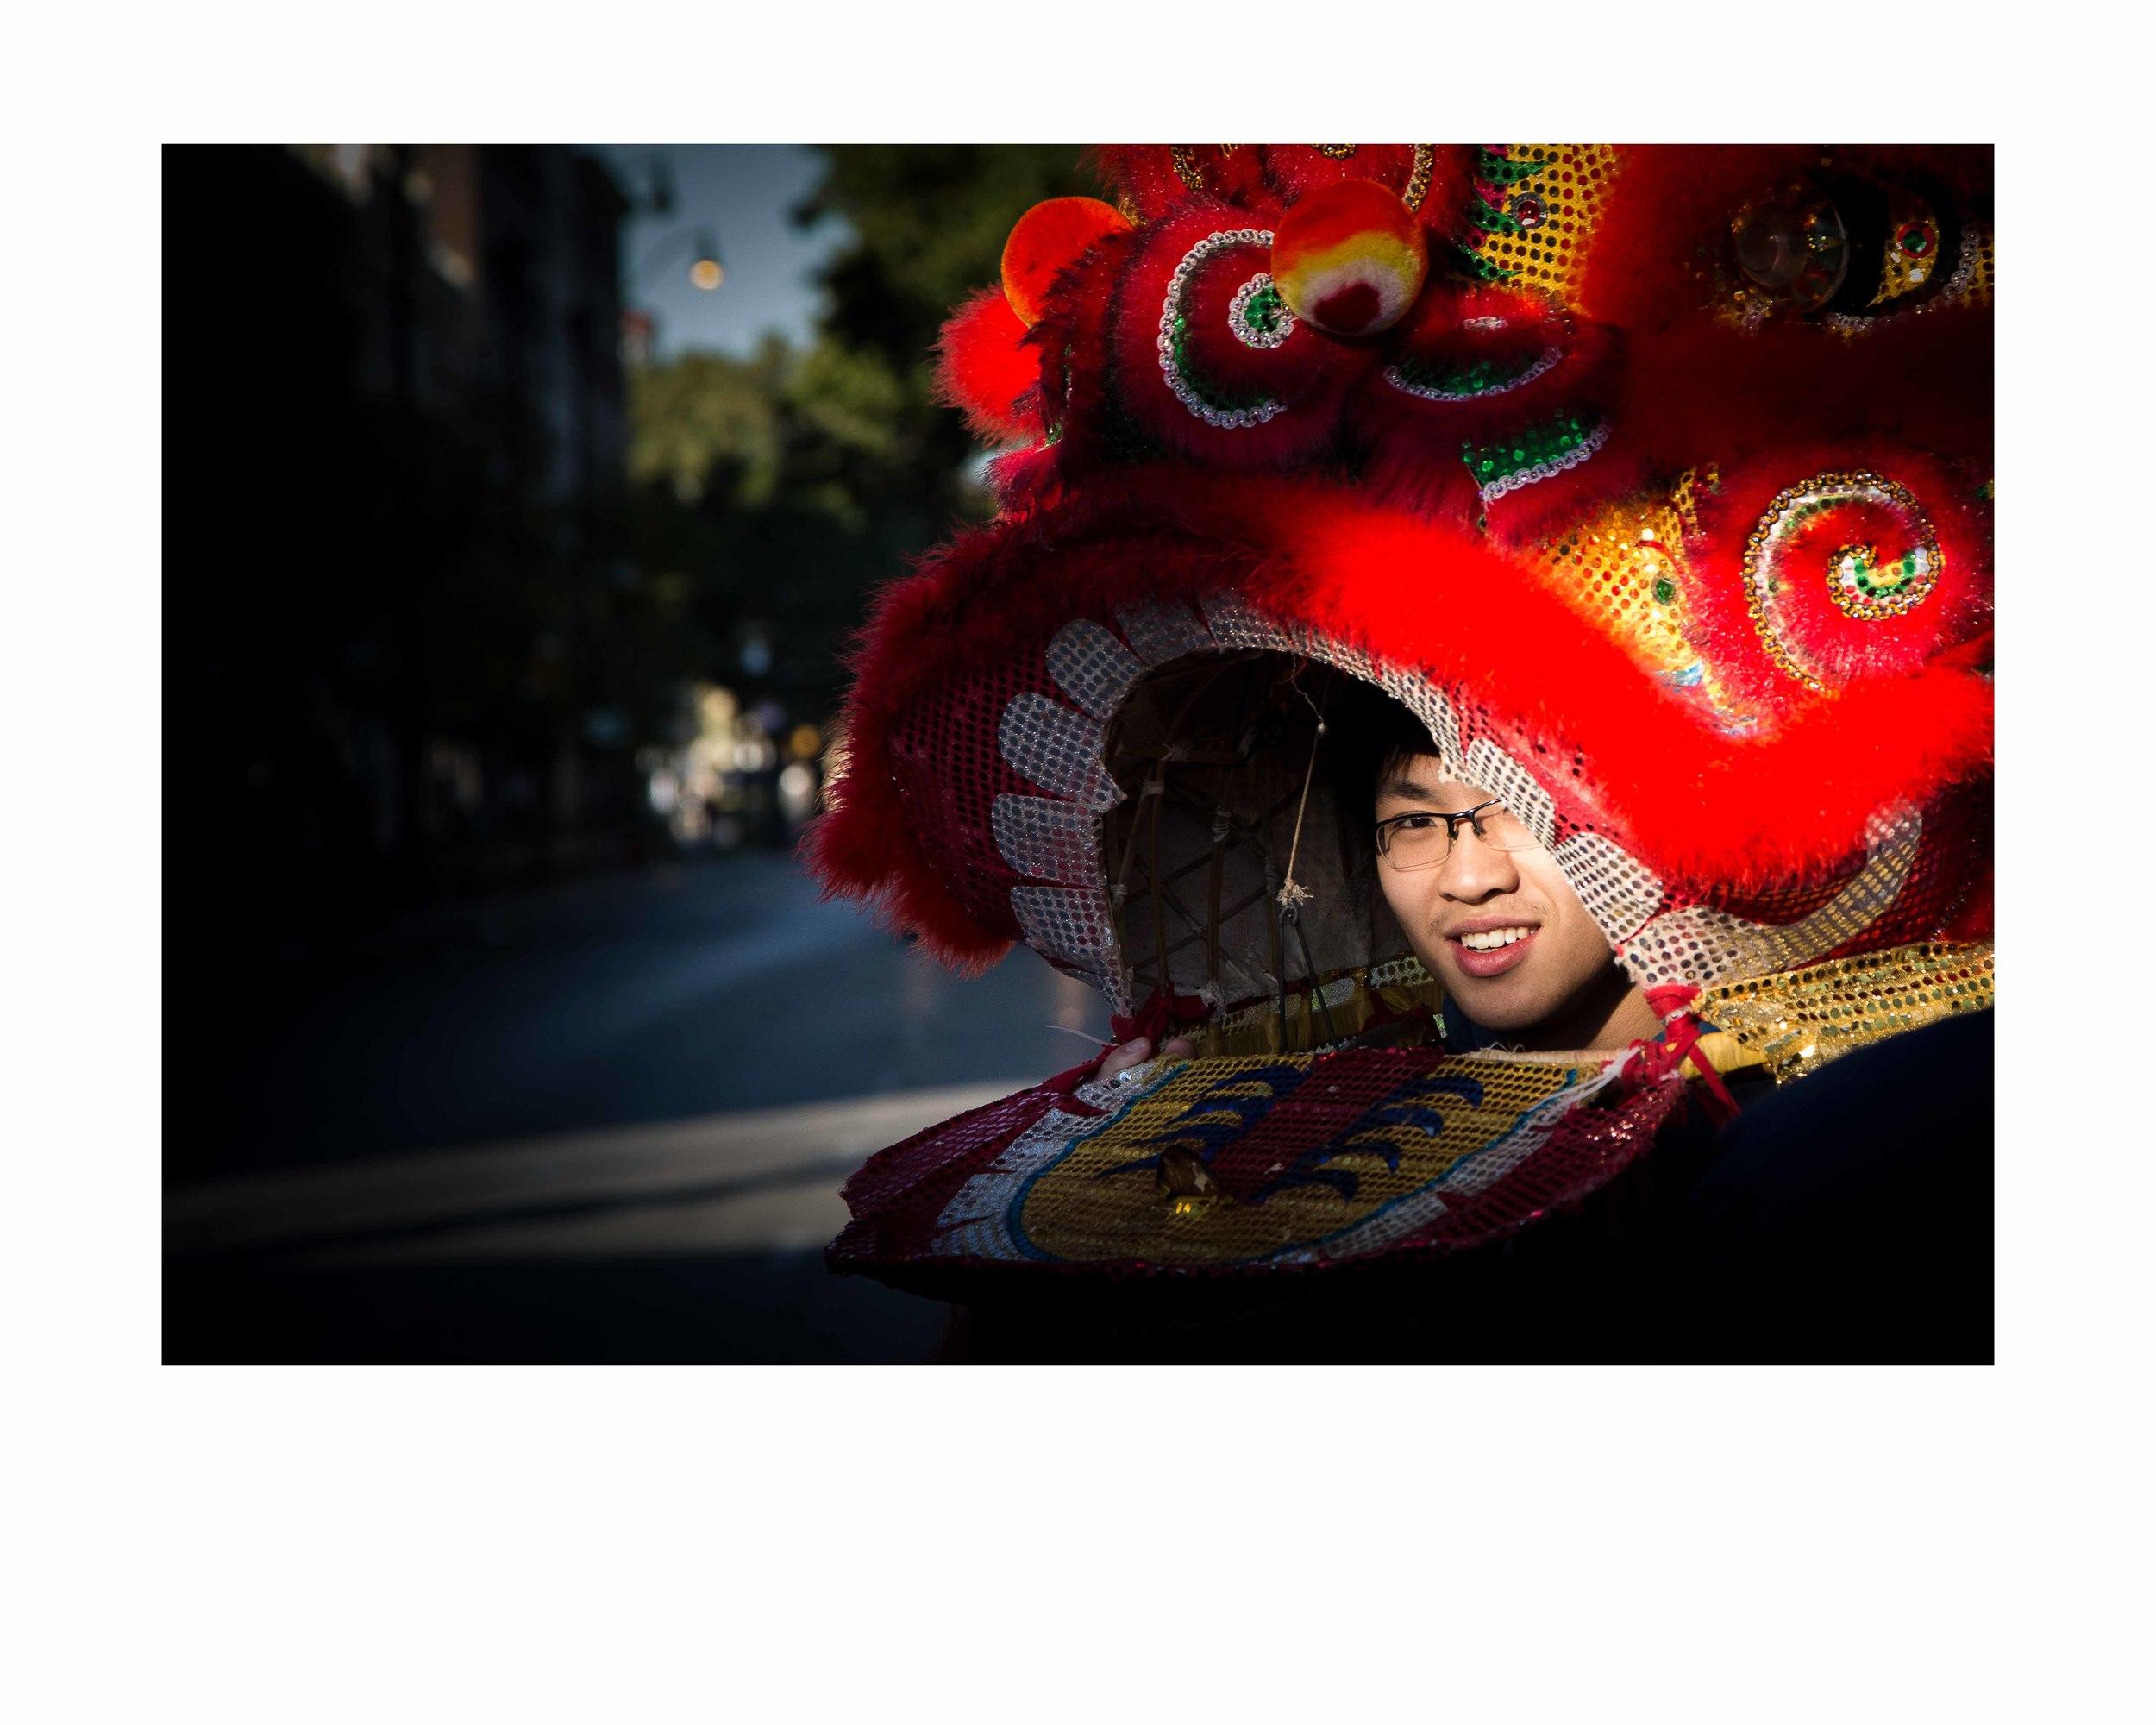 Lion Dancer 1.16x20 framed. $150